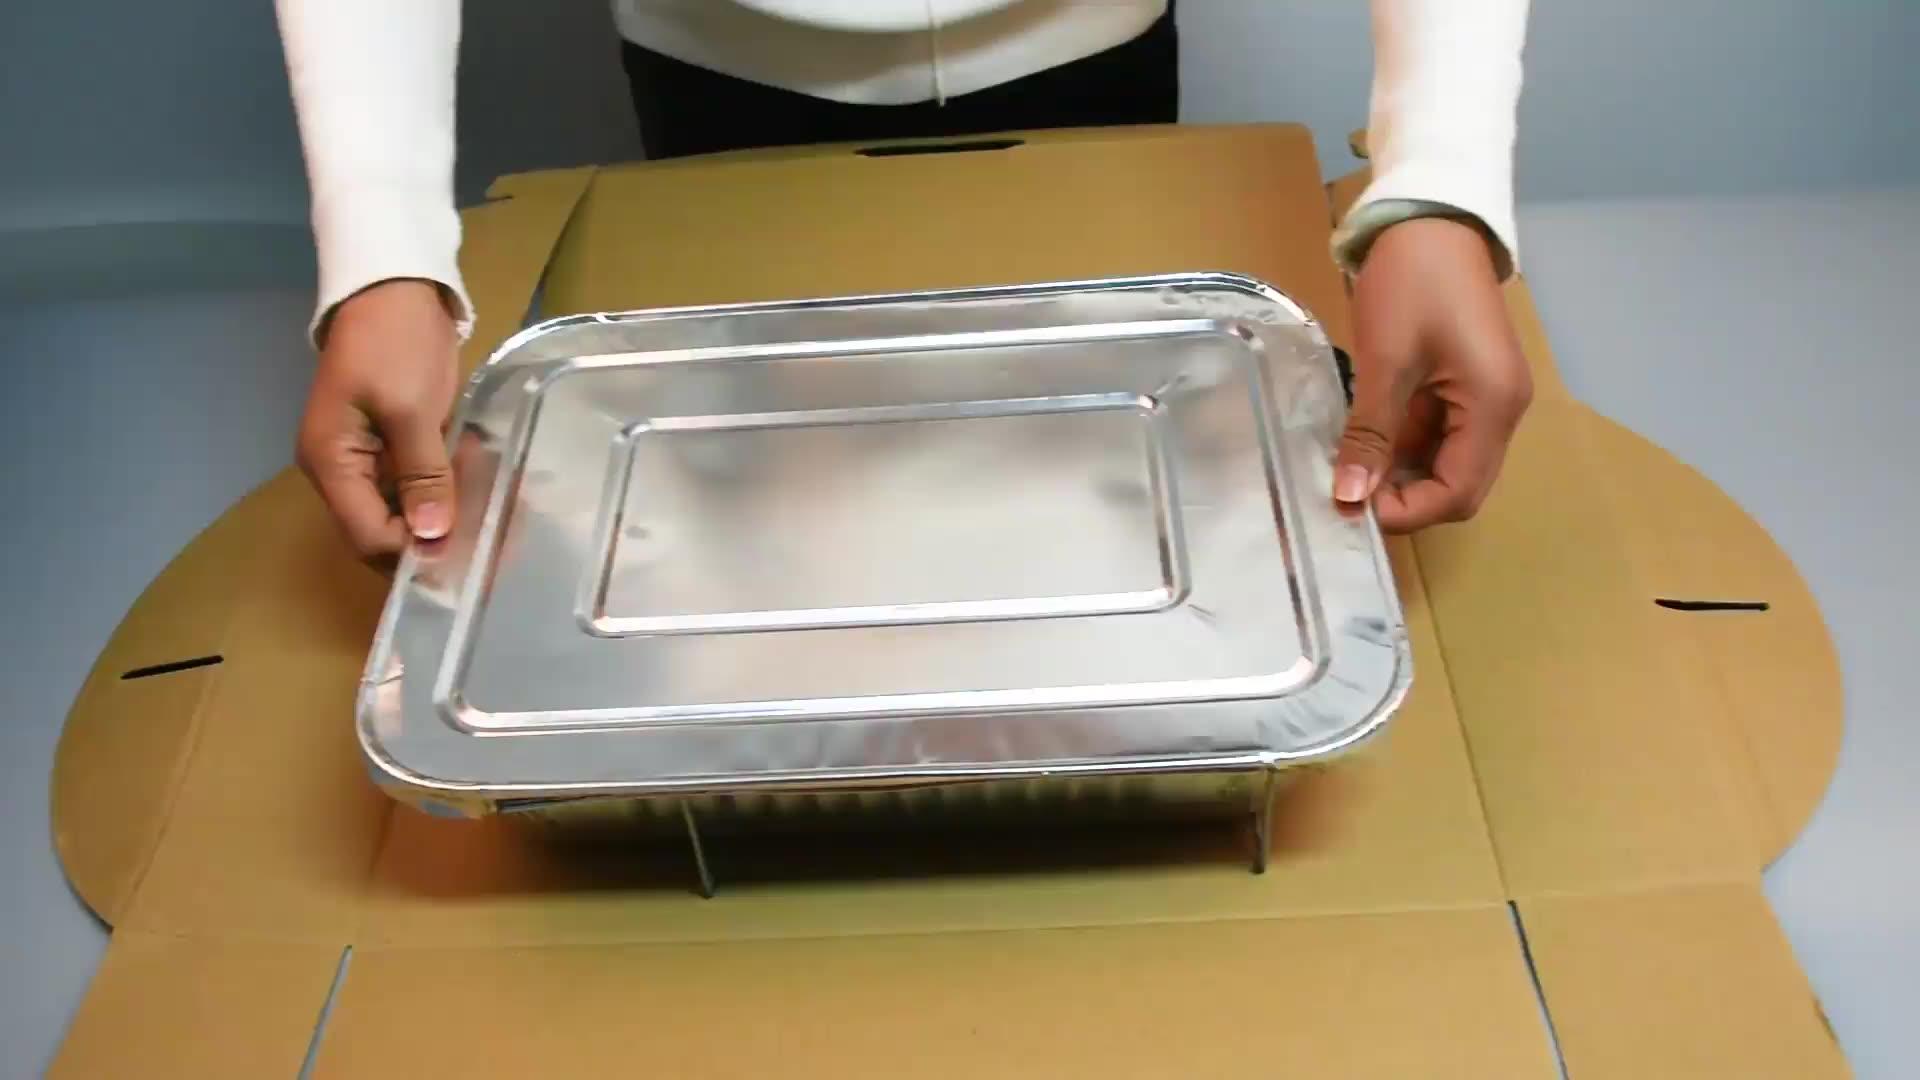 food baking disposable aluminum foil pizza pan baking pans aluminum foil container